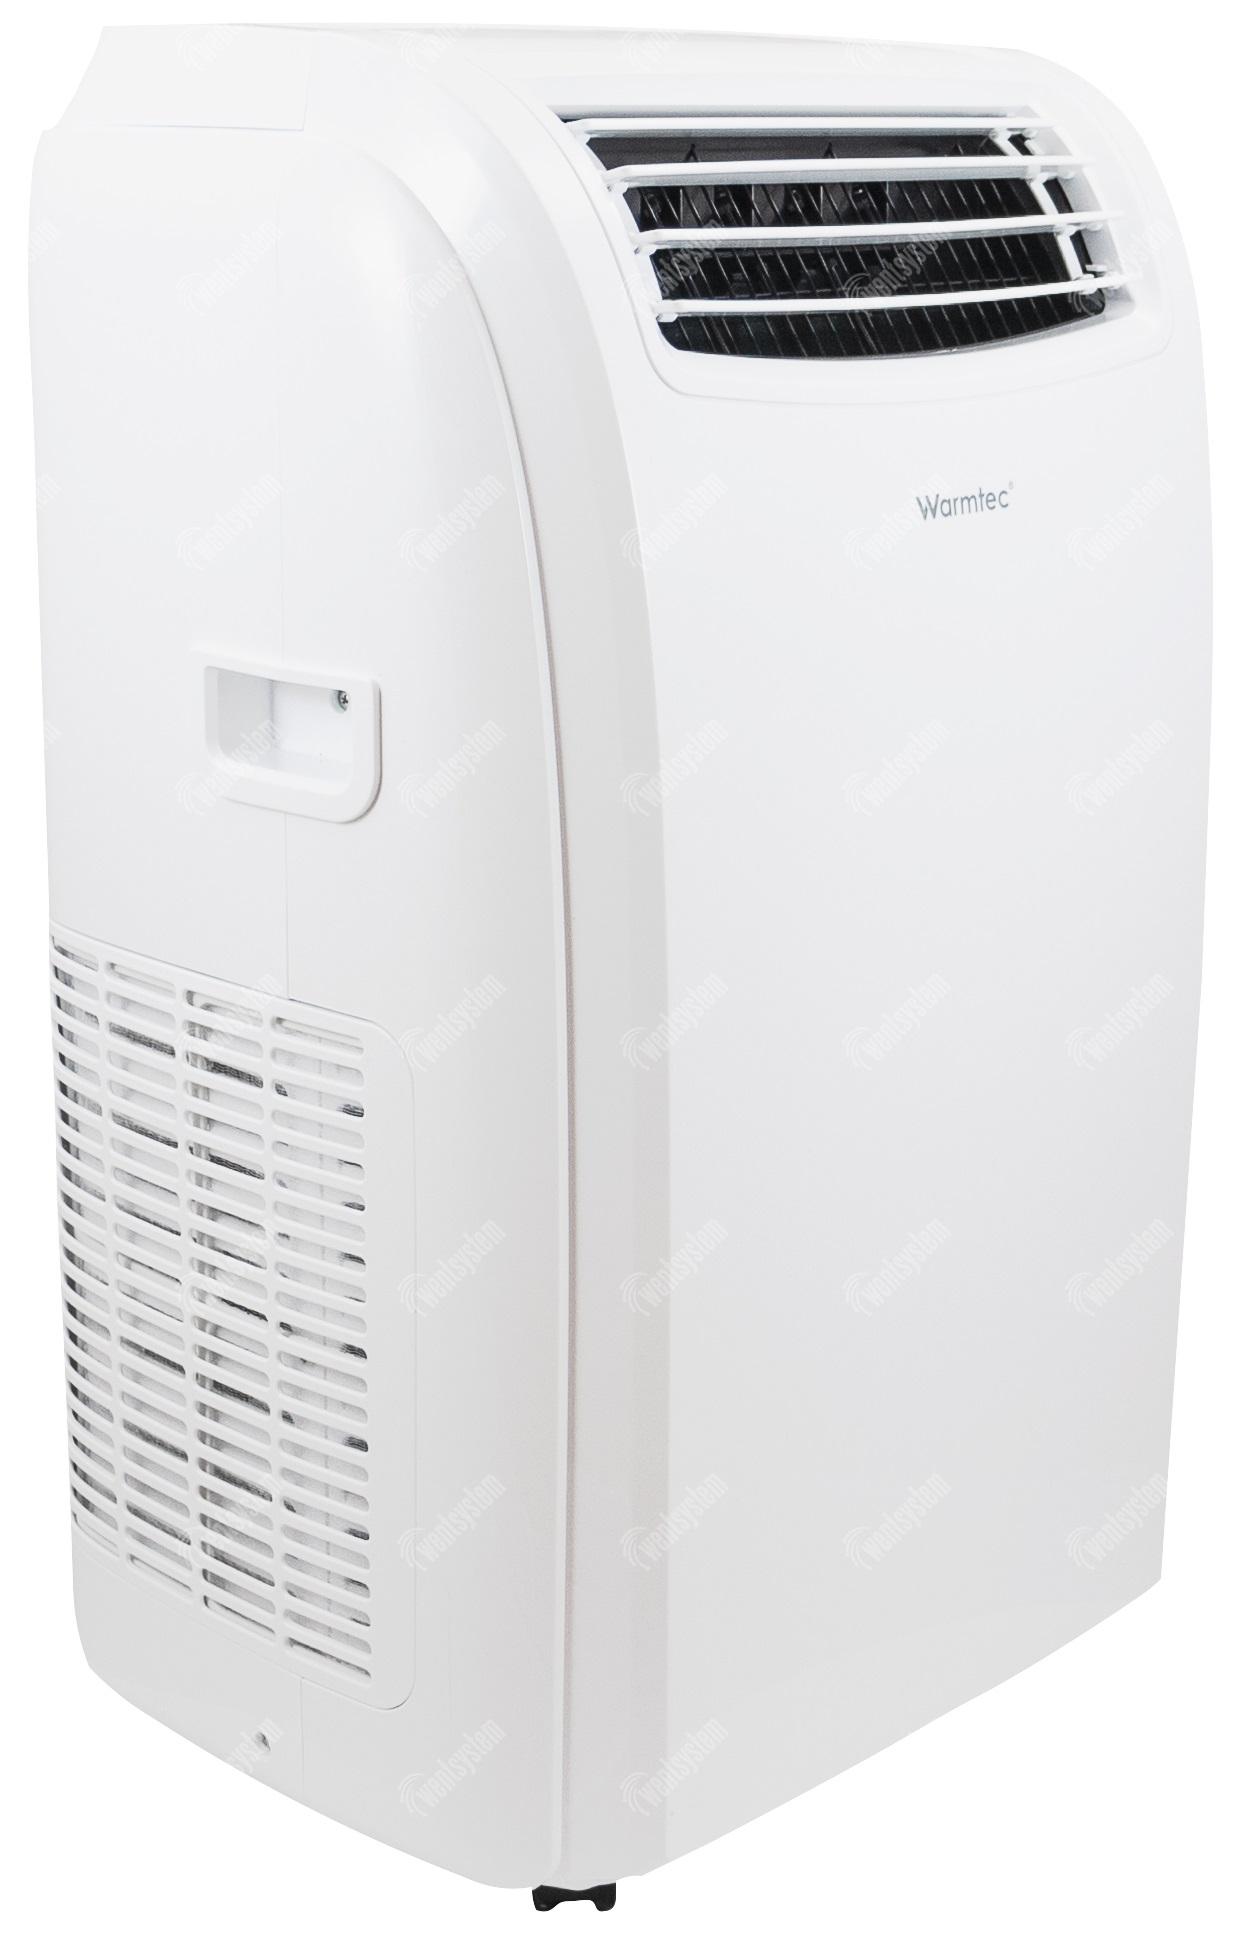 klimatyzator domowy warmtec kp35w opinie